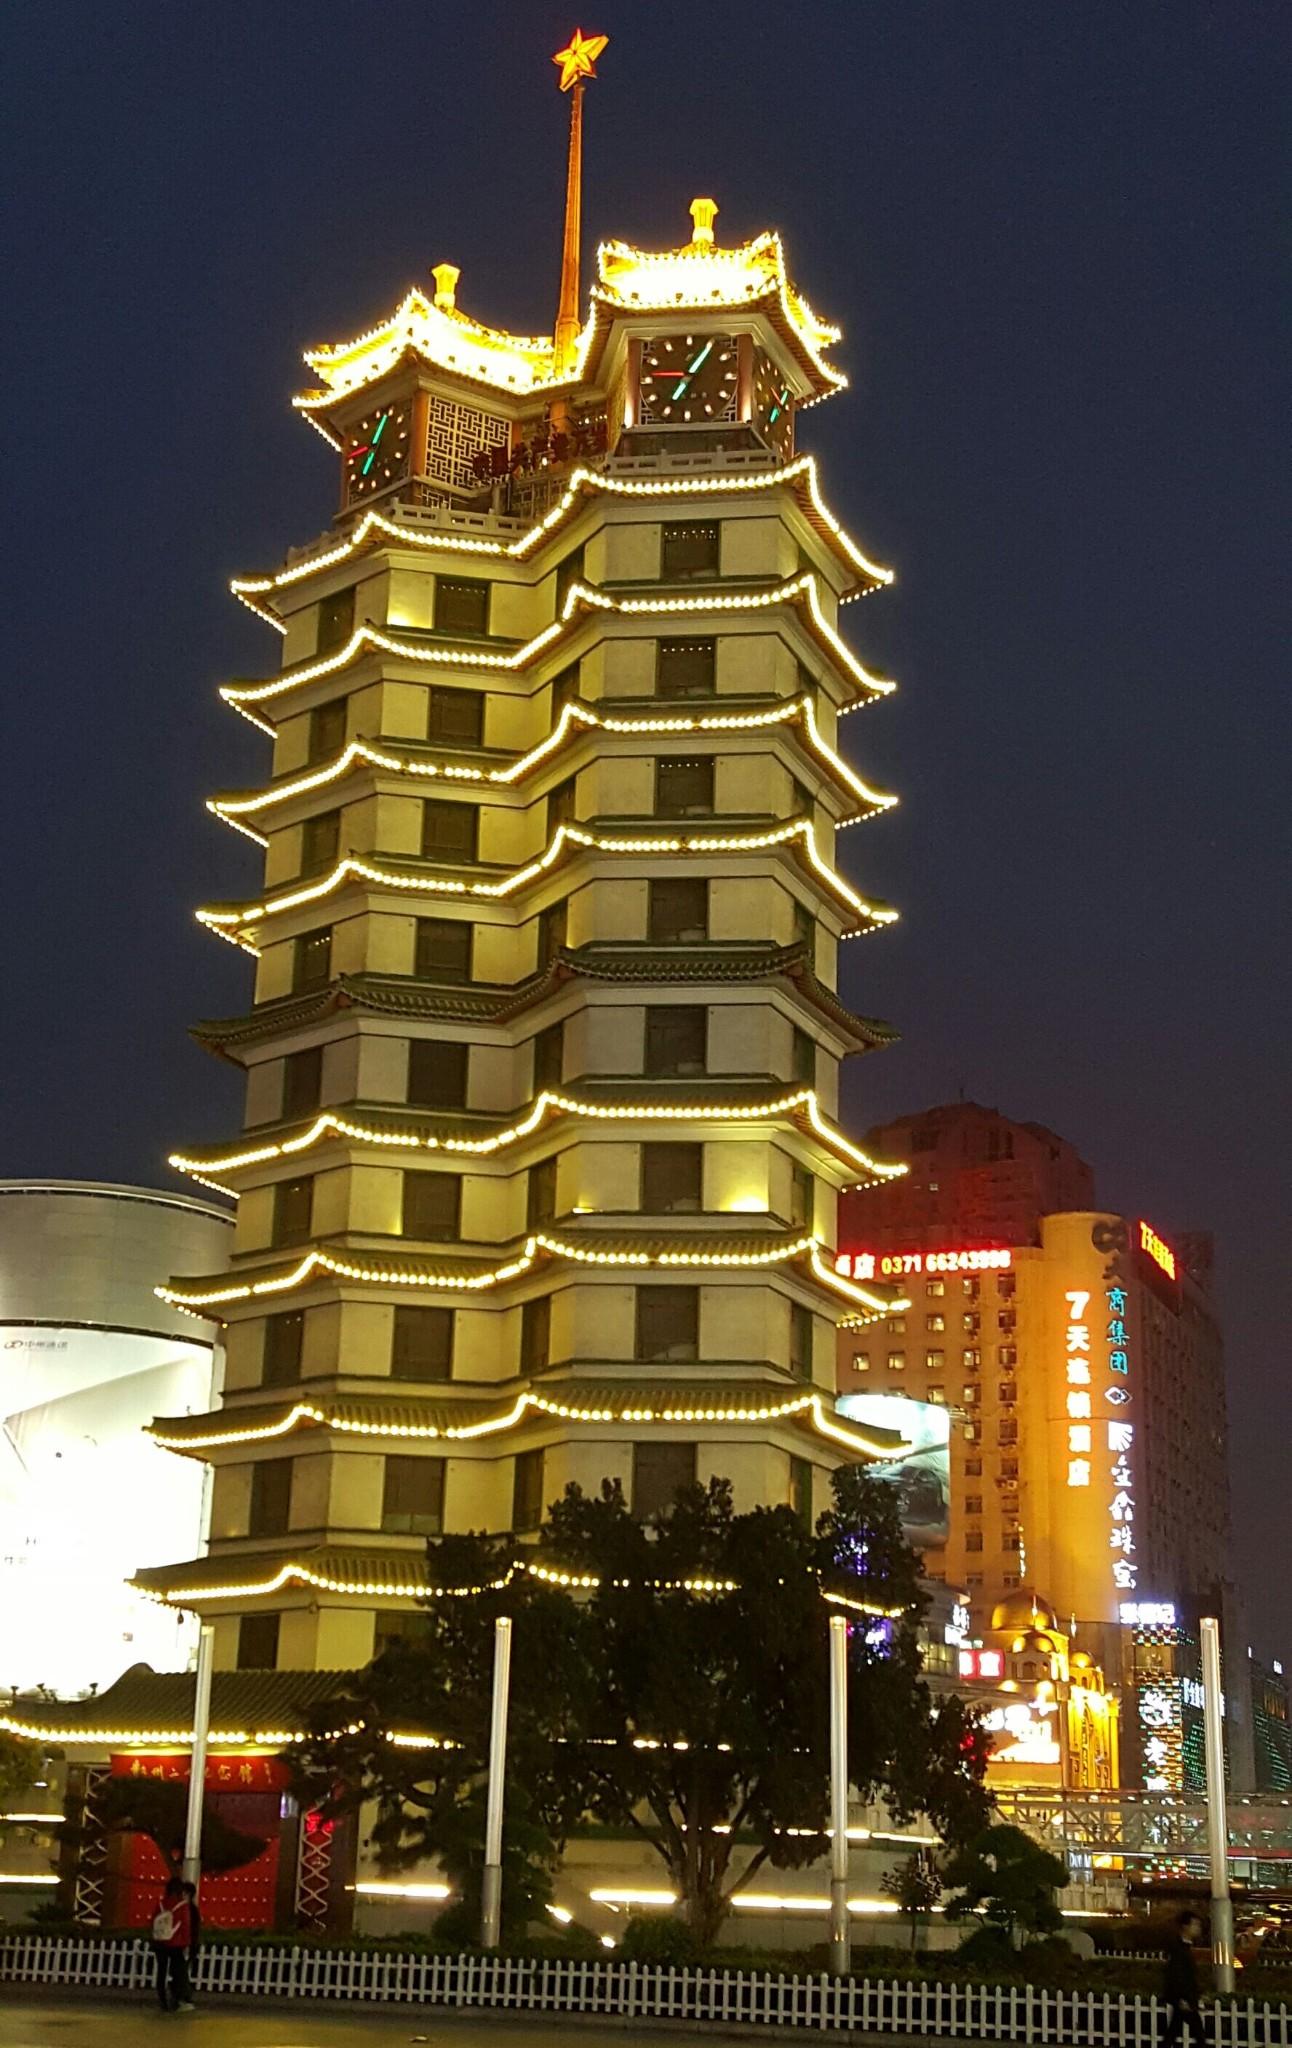 二七纪念塔图片